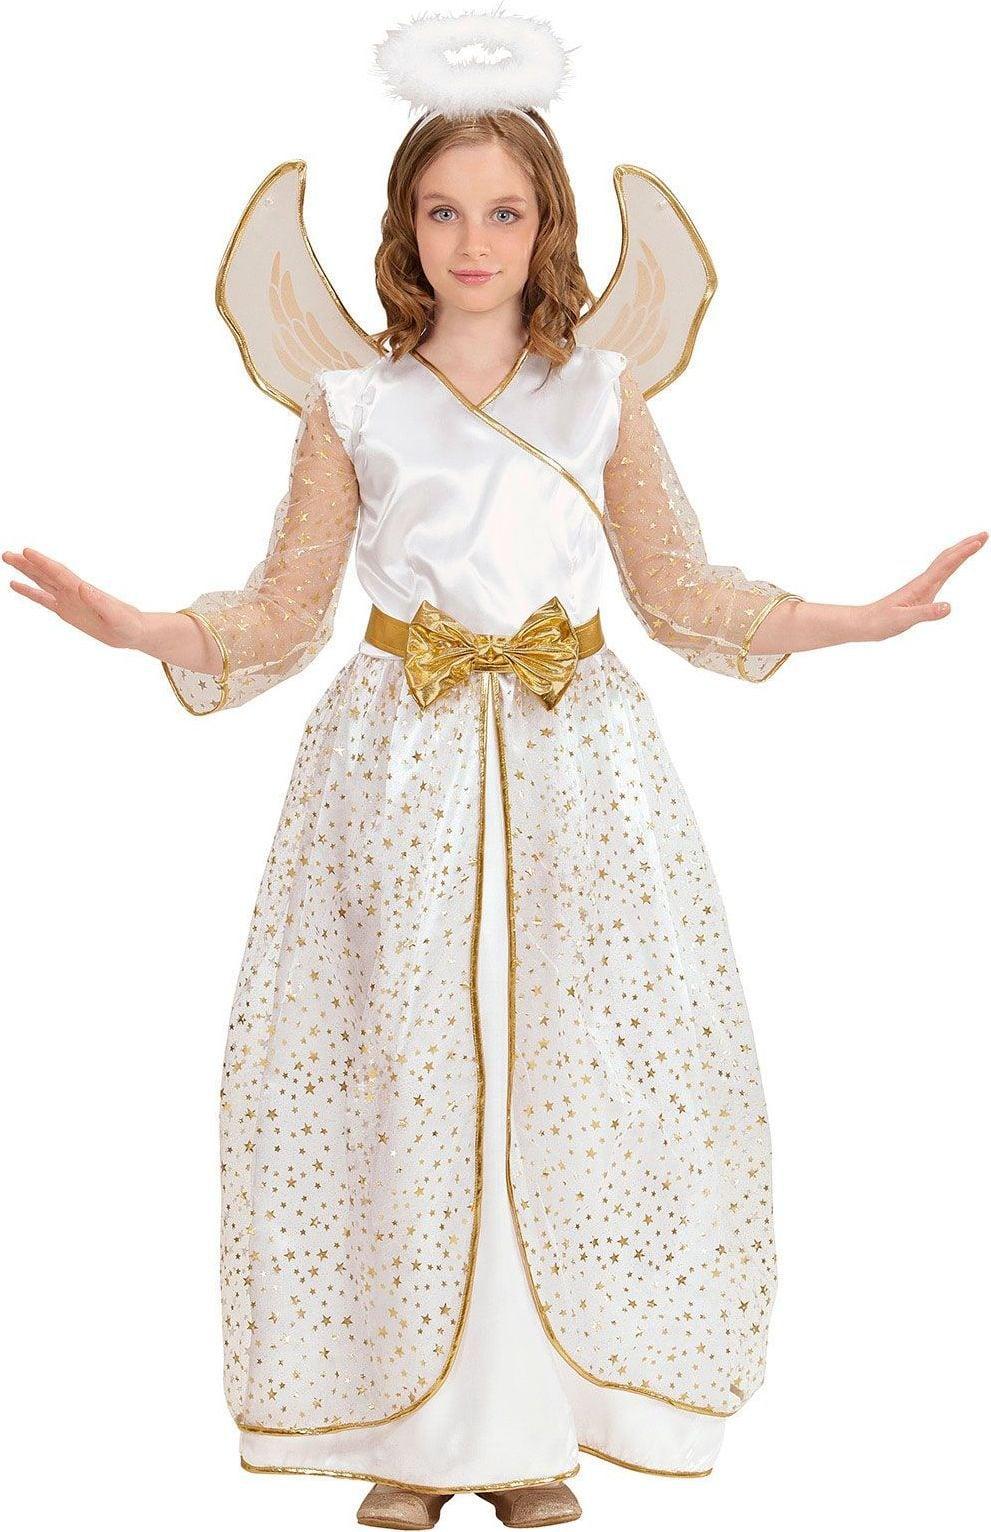 Witte engel jurkje kind